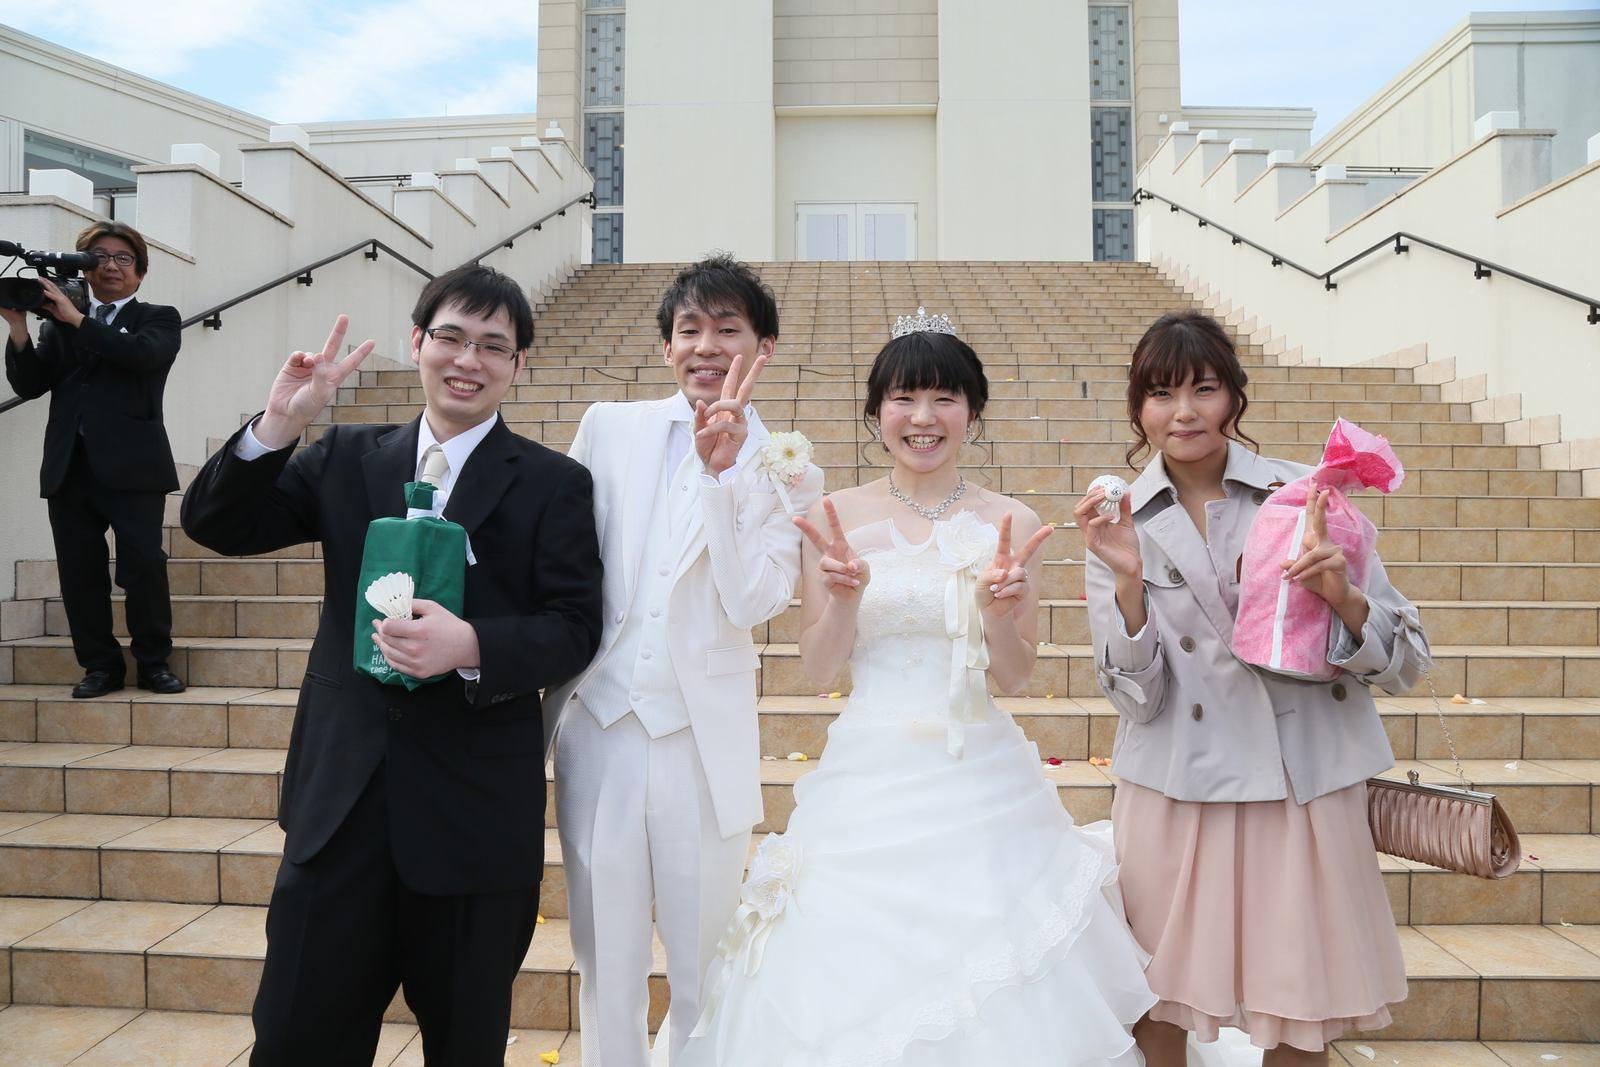 徳島市の結婚式場ブランアンジュで大階段をバックに新郎新婦様との記念写真